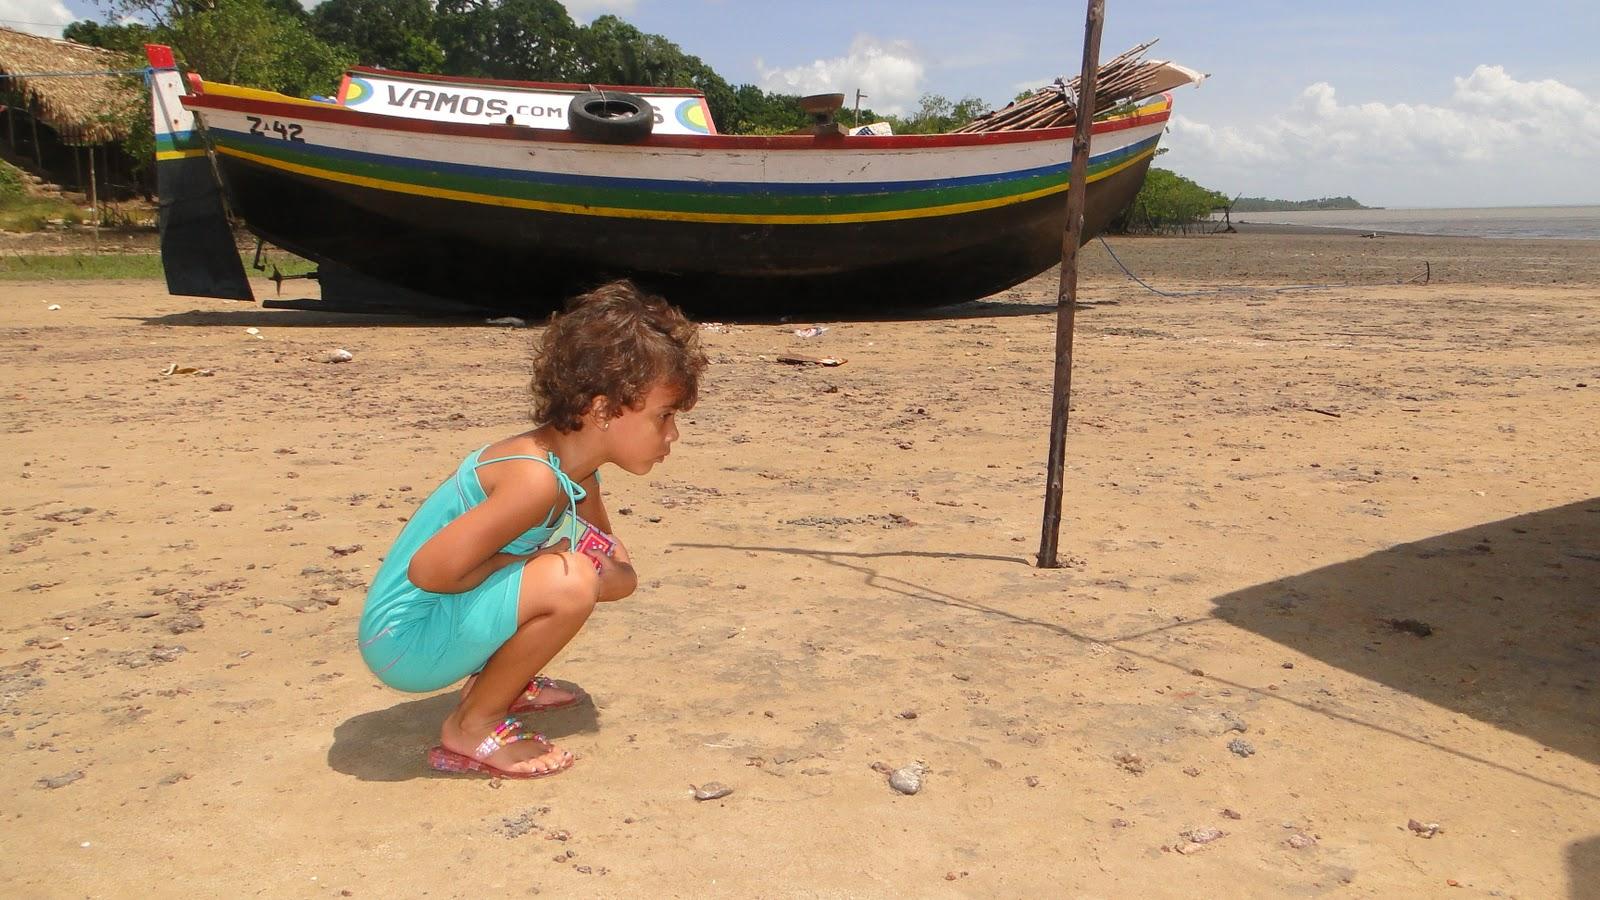 gajas na praia comendo a sobrinha